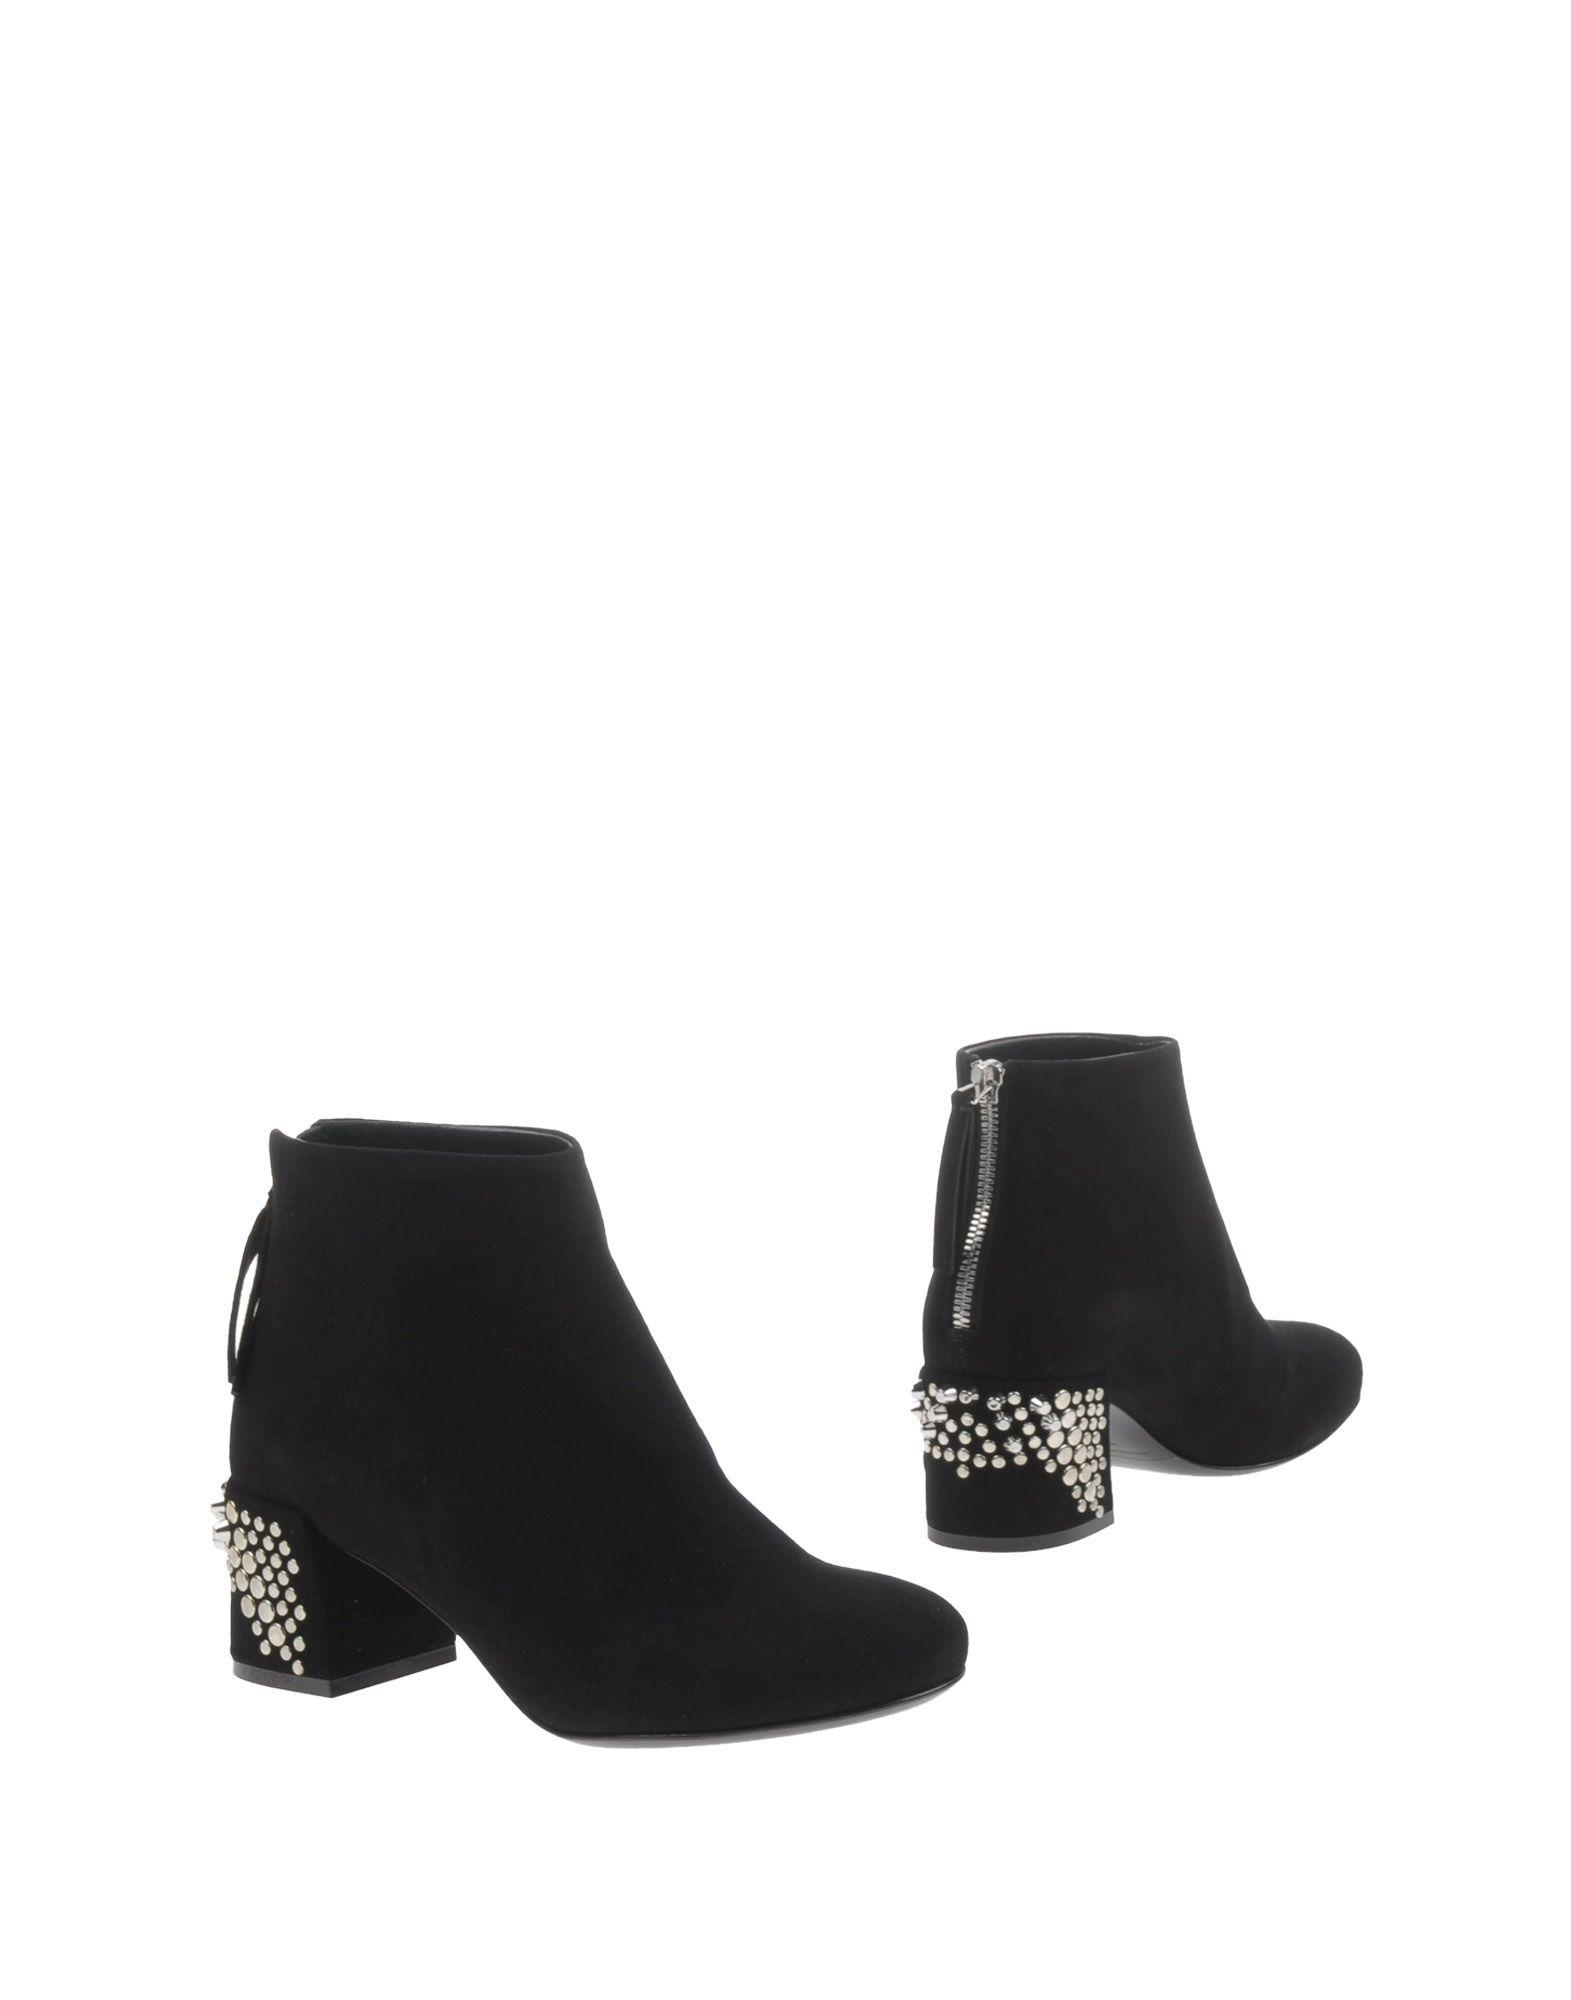 Mcq Alexander Mcqueen Stiefelette Damen  11358123VRGut aussehende strapazierfähige Schuhe